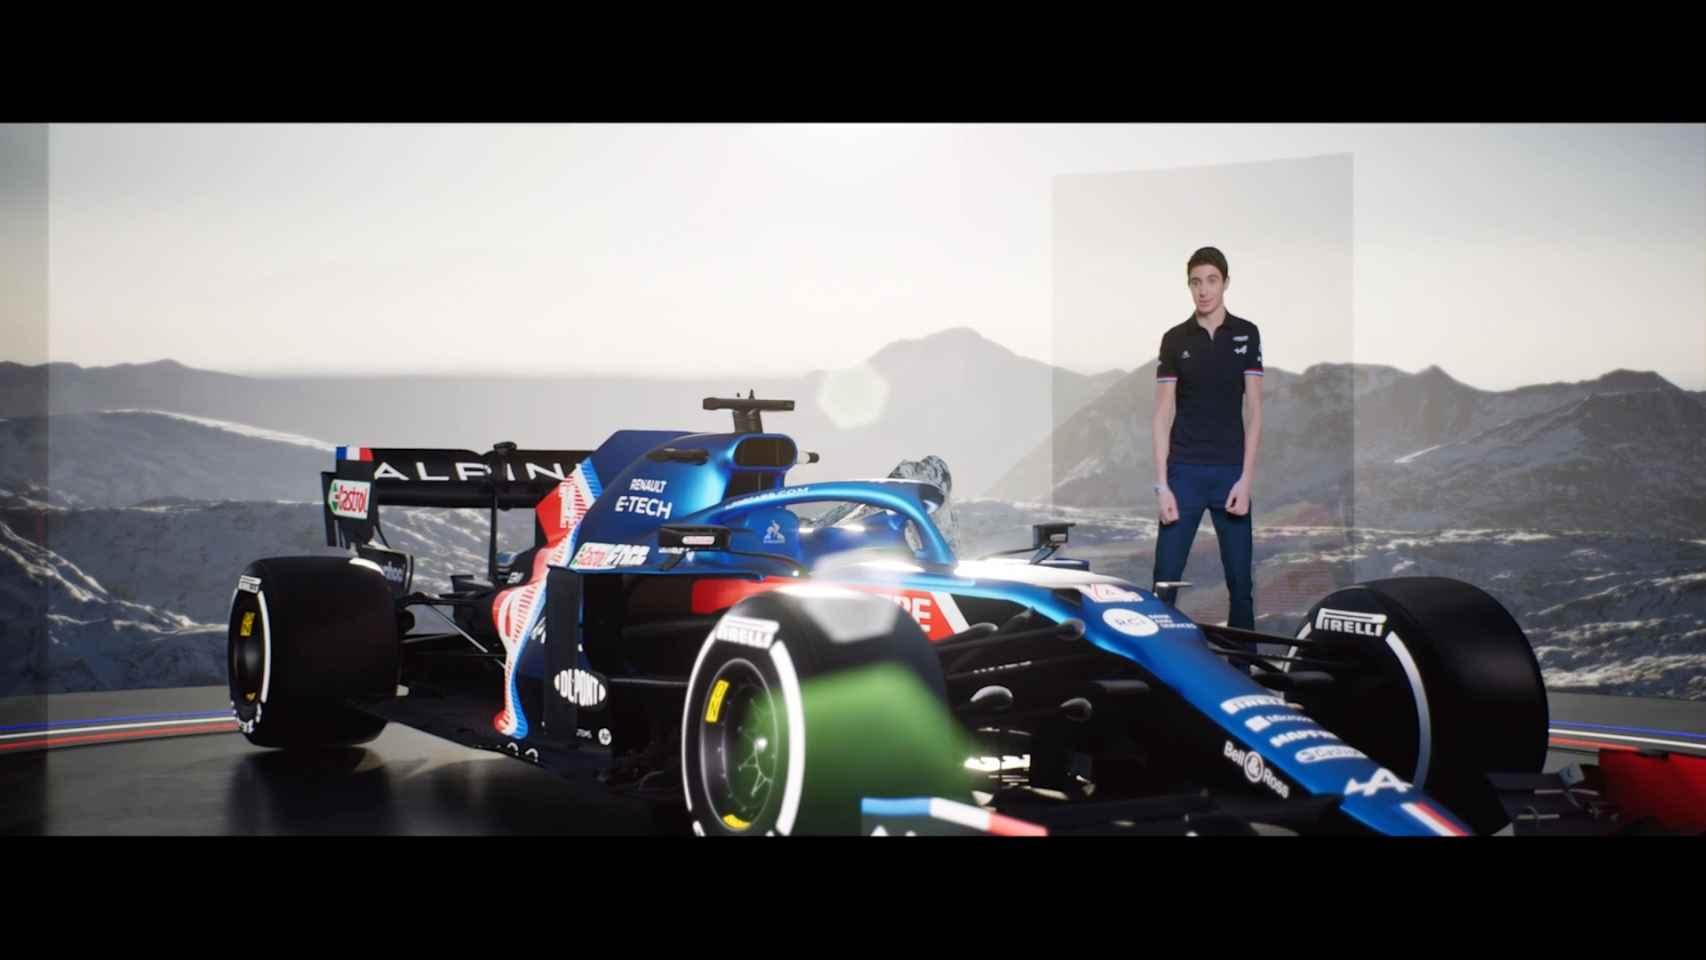 Así será el coche de Fernando Alonso en 2021: Alpine F1 presenta su monoplaza